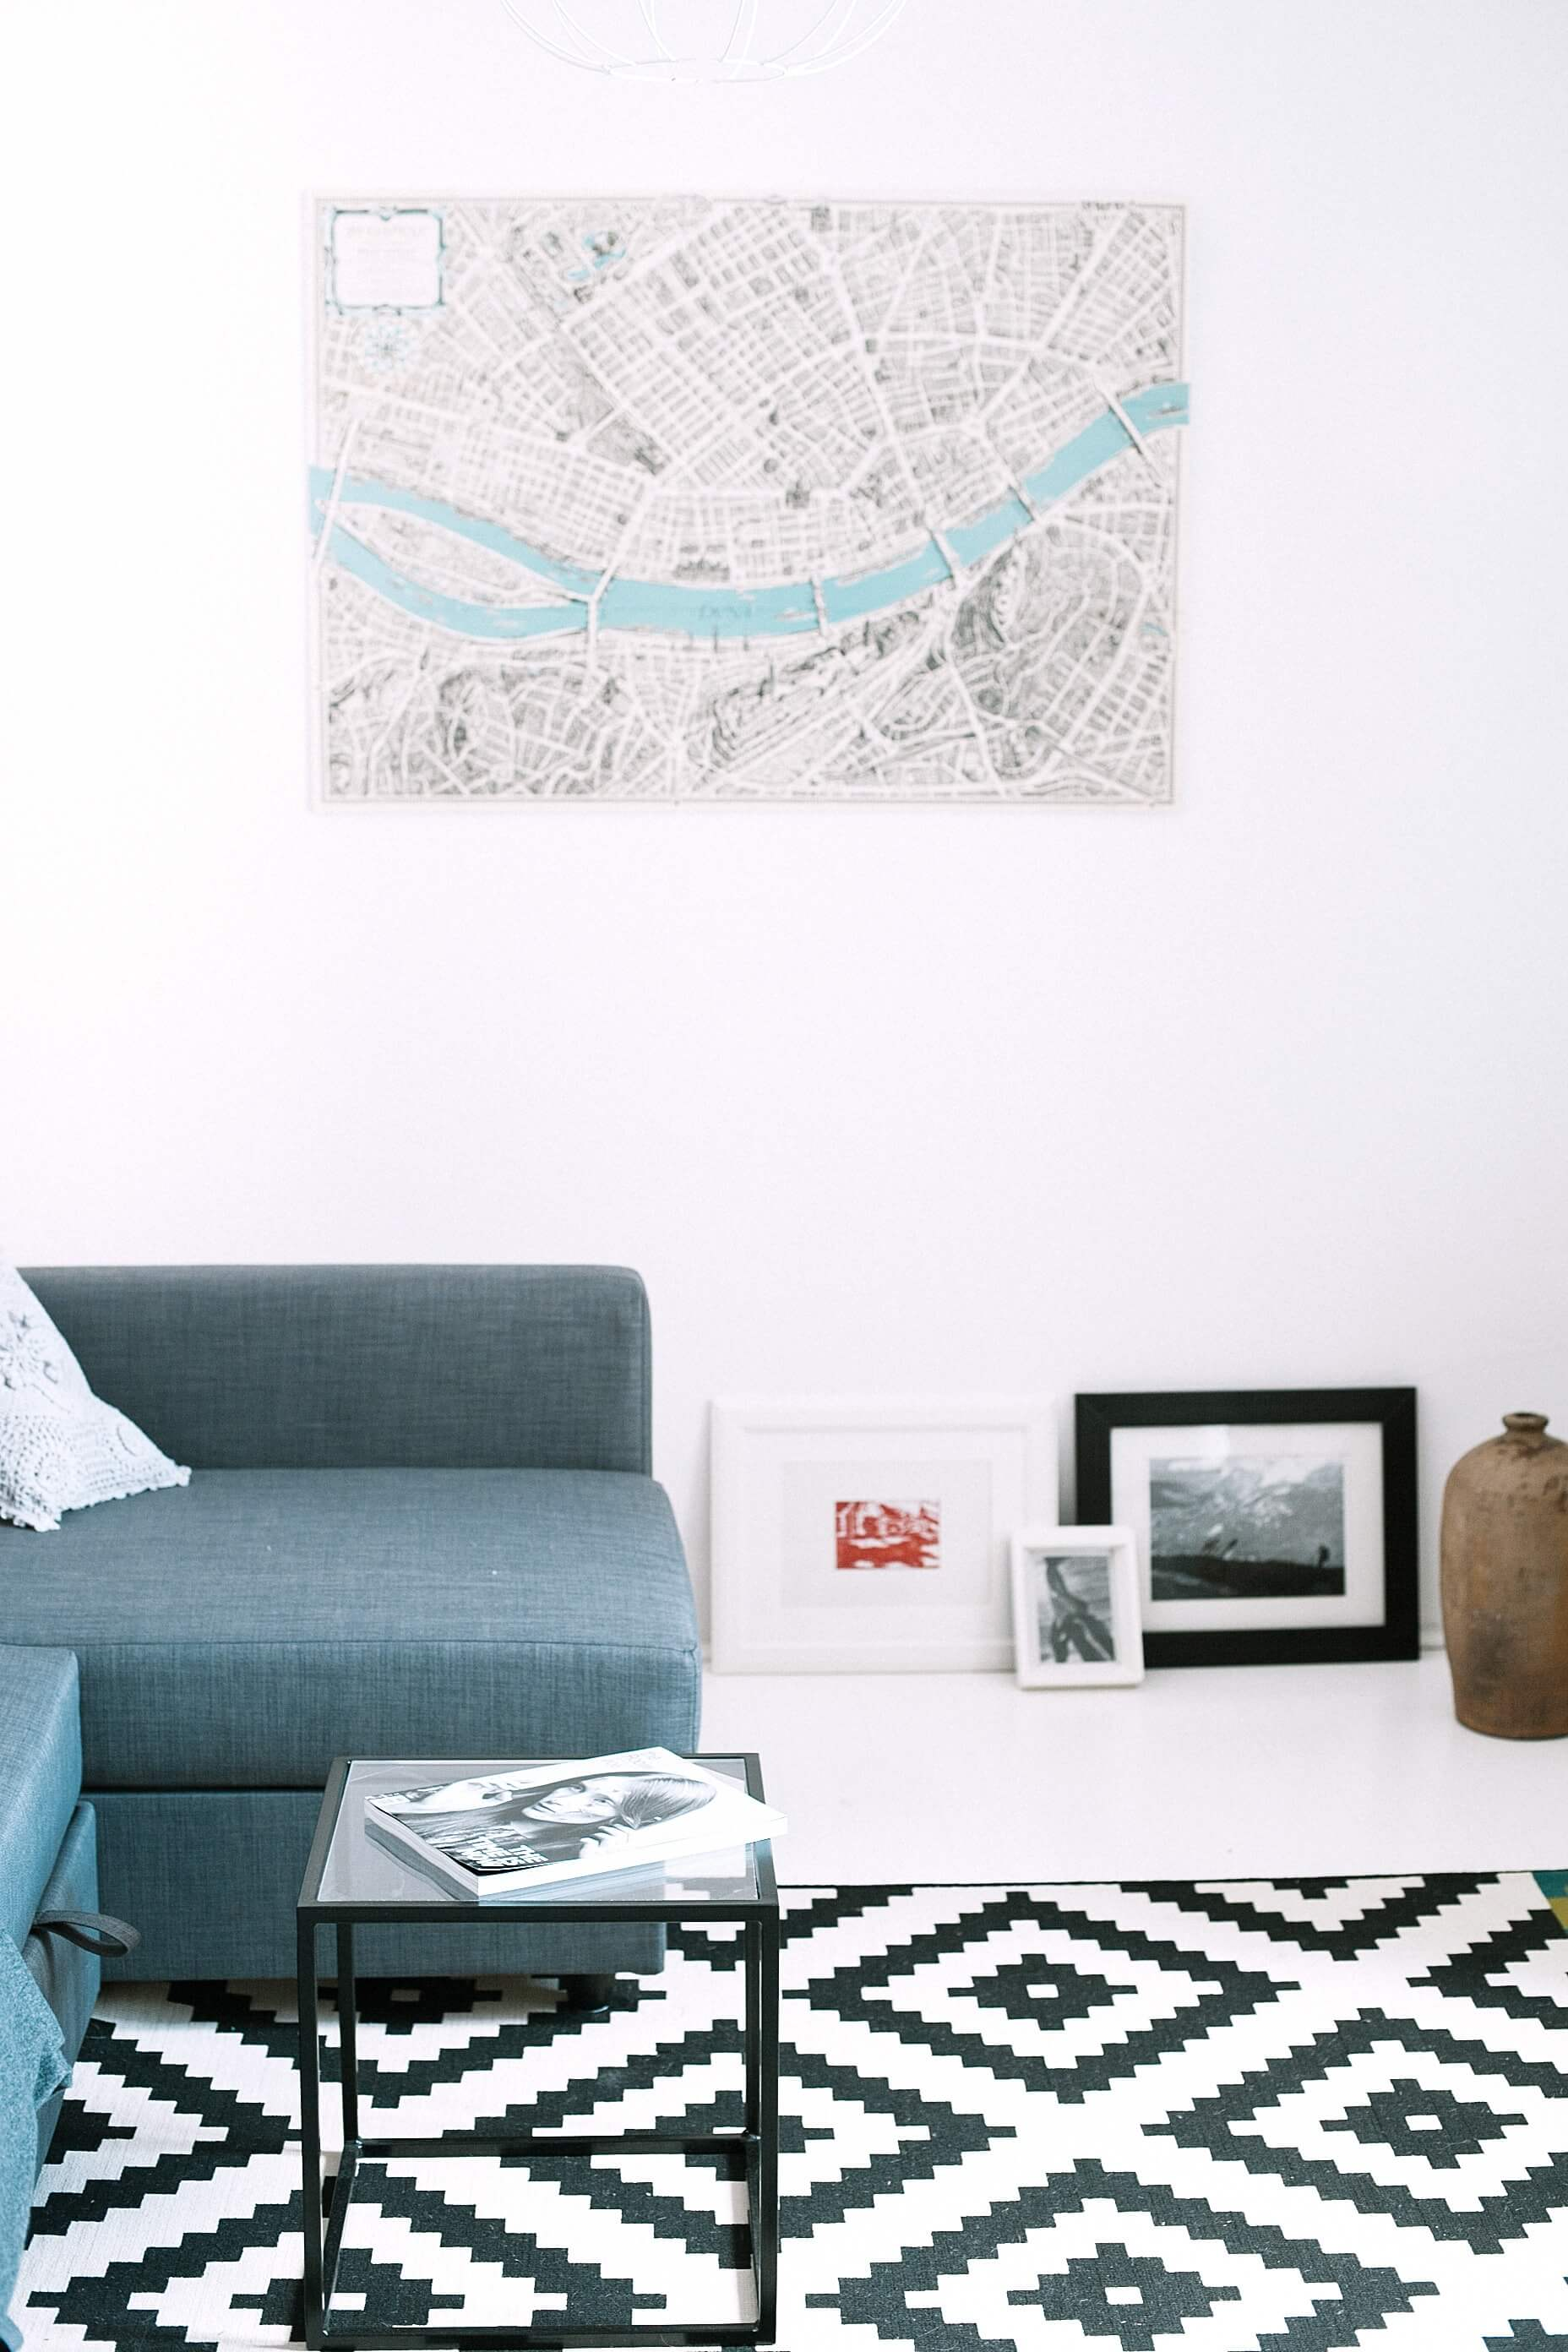 Les graphistes bretons souhaitent décorer votre maison